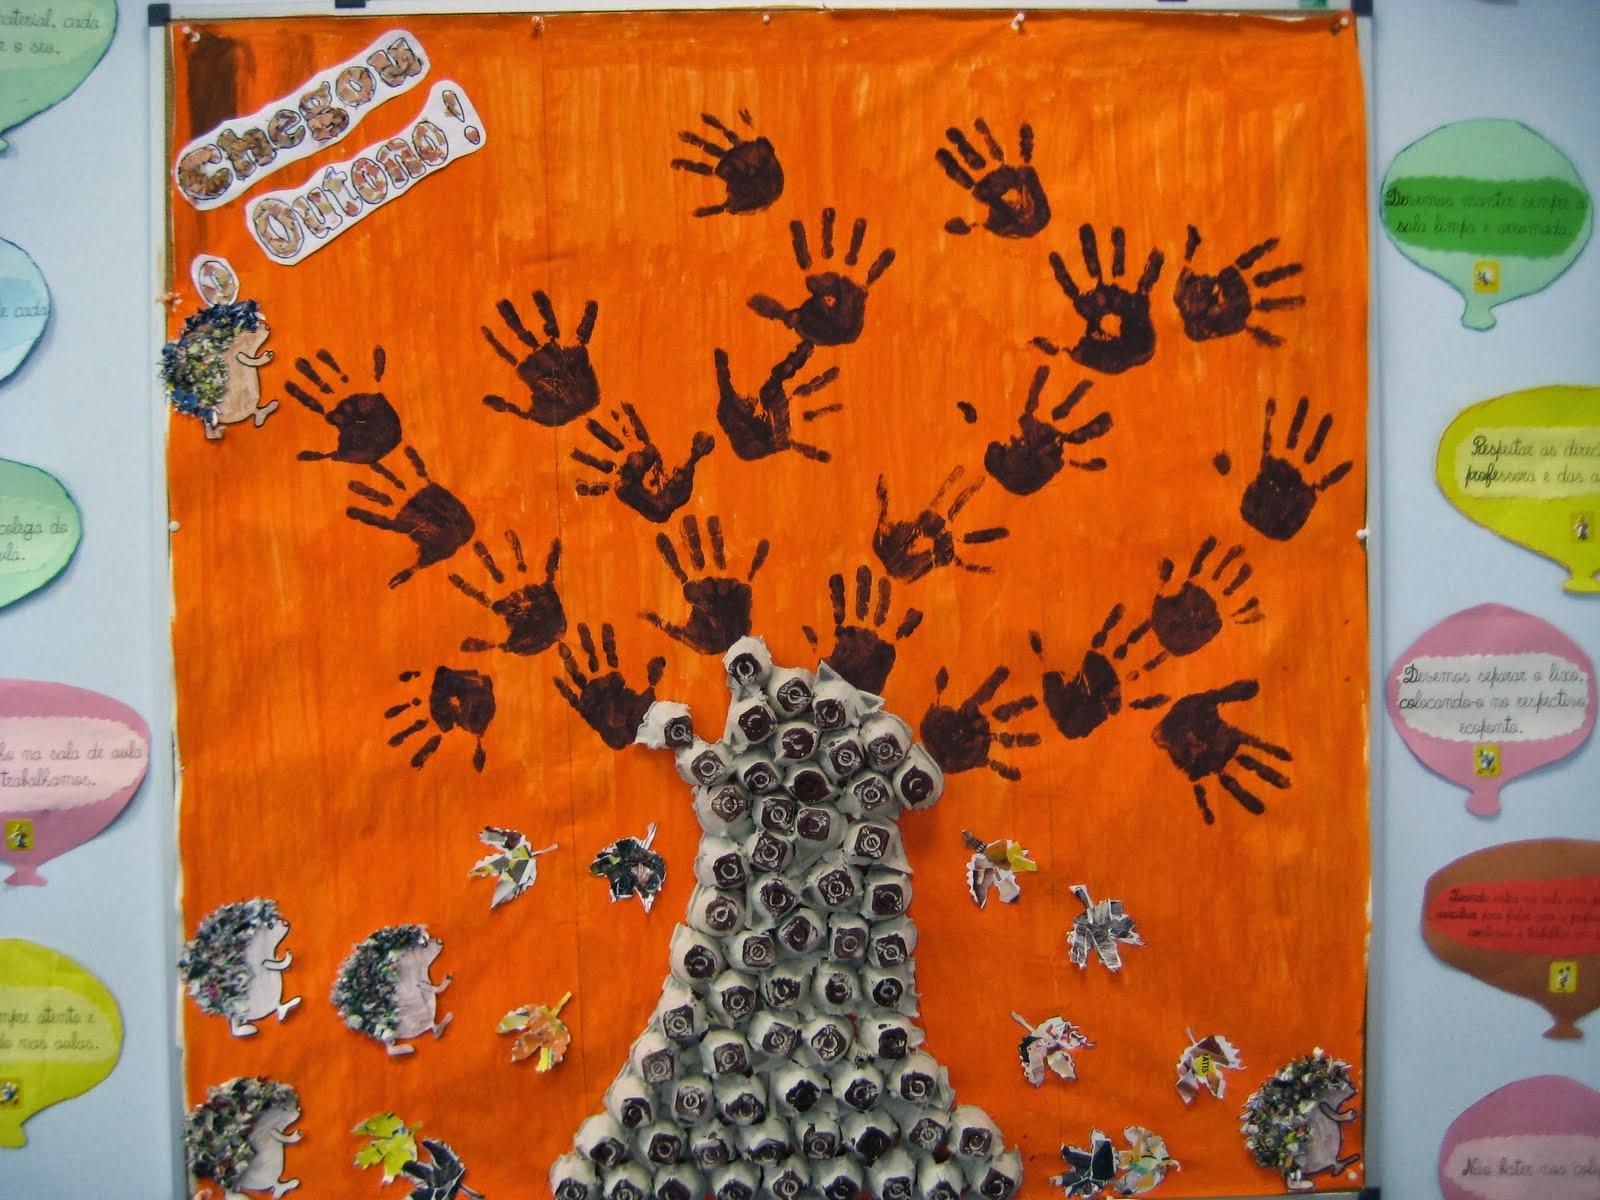 El arte de educar ideas para adonar el aula en oto o for Murales infantiles para preescolar